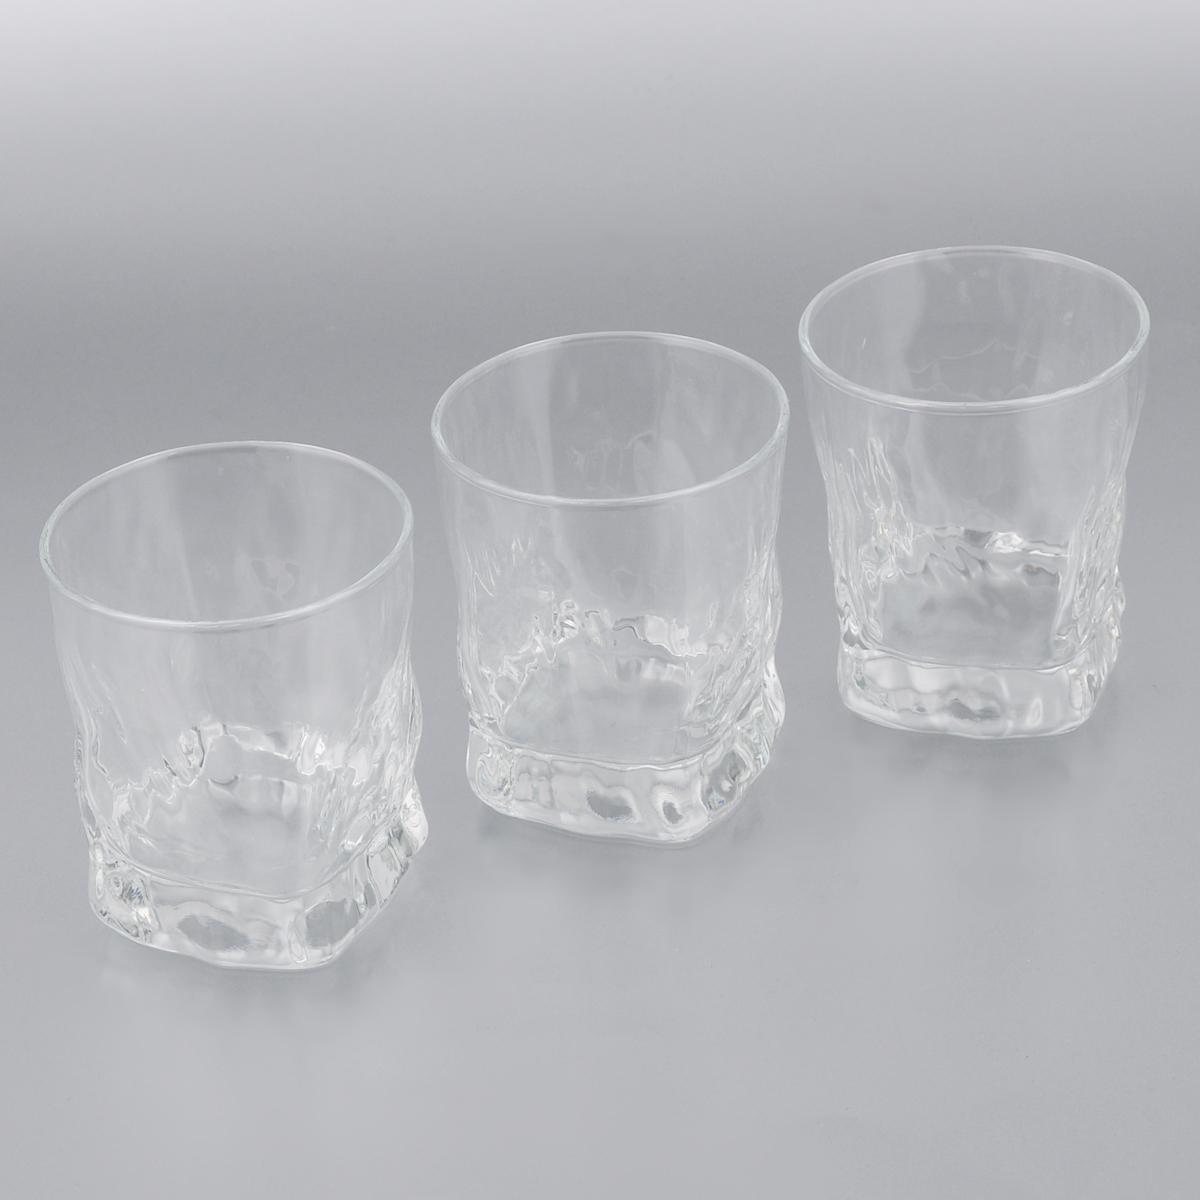 Набор стаканов Luminarc Icy, 300 мл, 3 шт набор стаканов luminarc new america 270 мл 6 шт